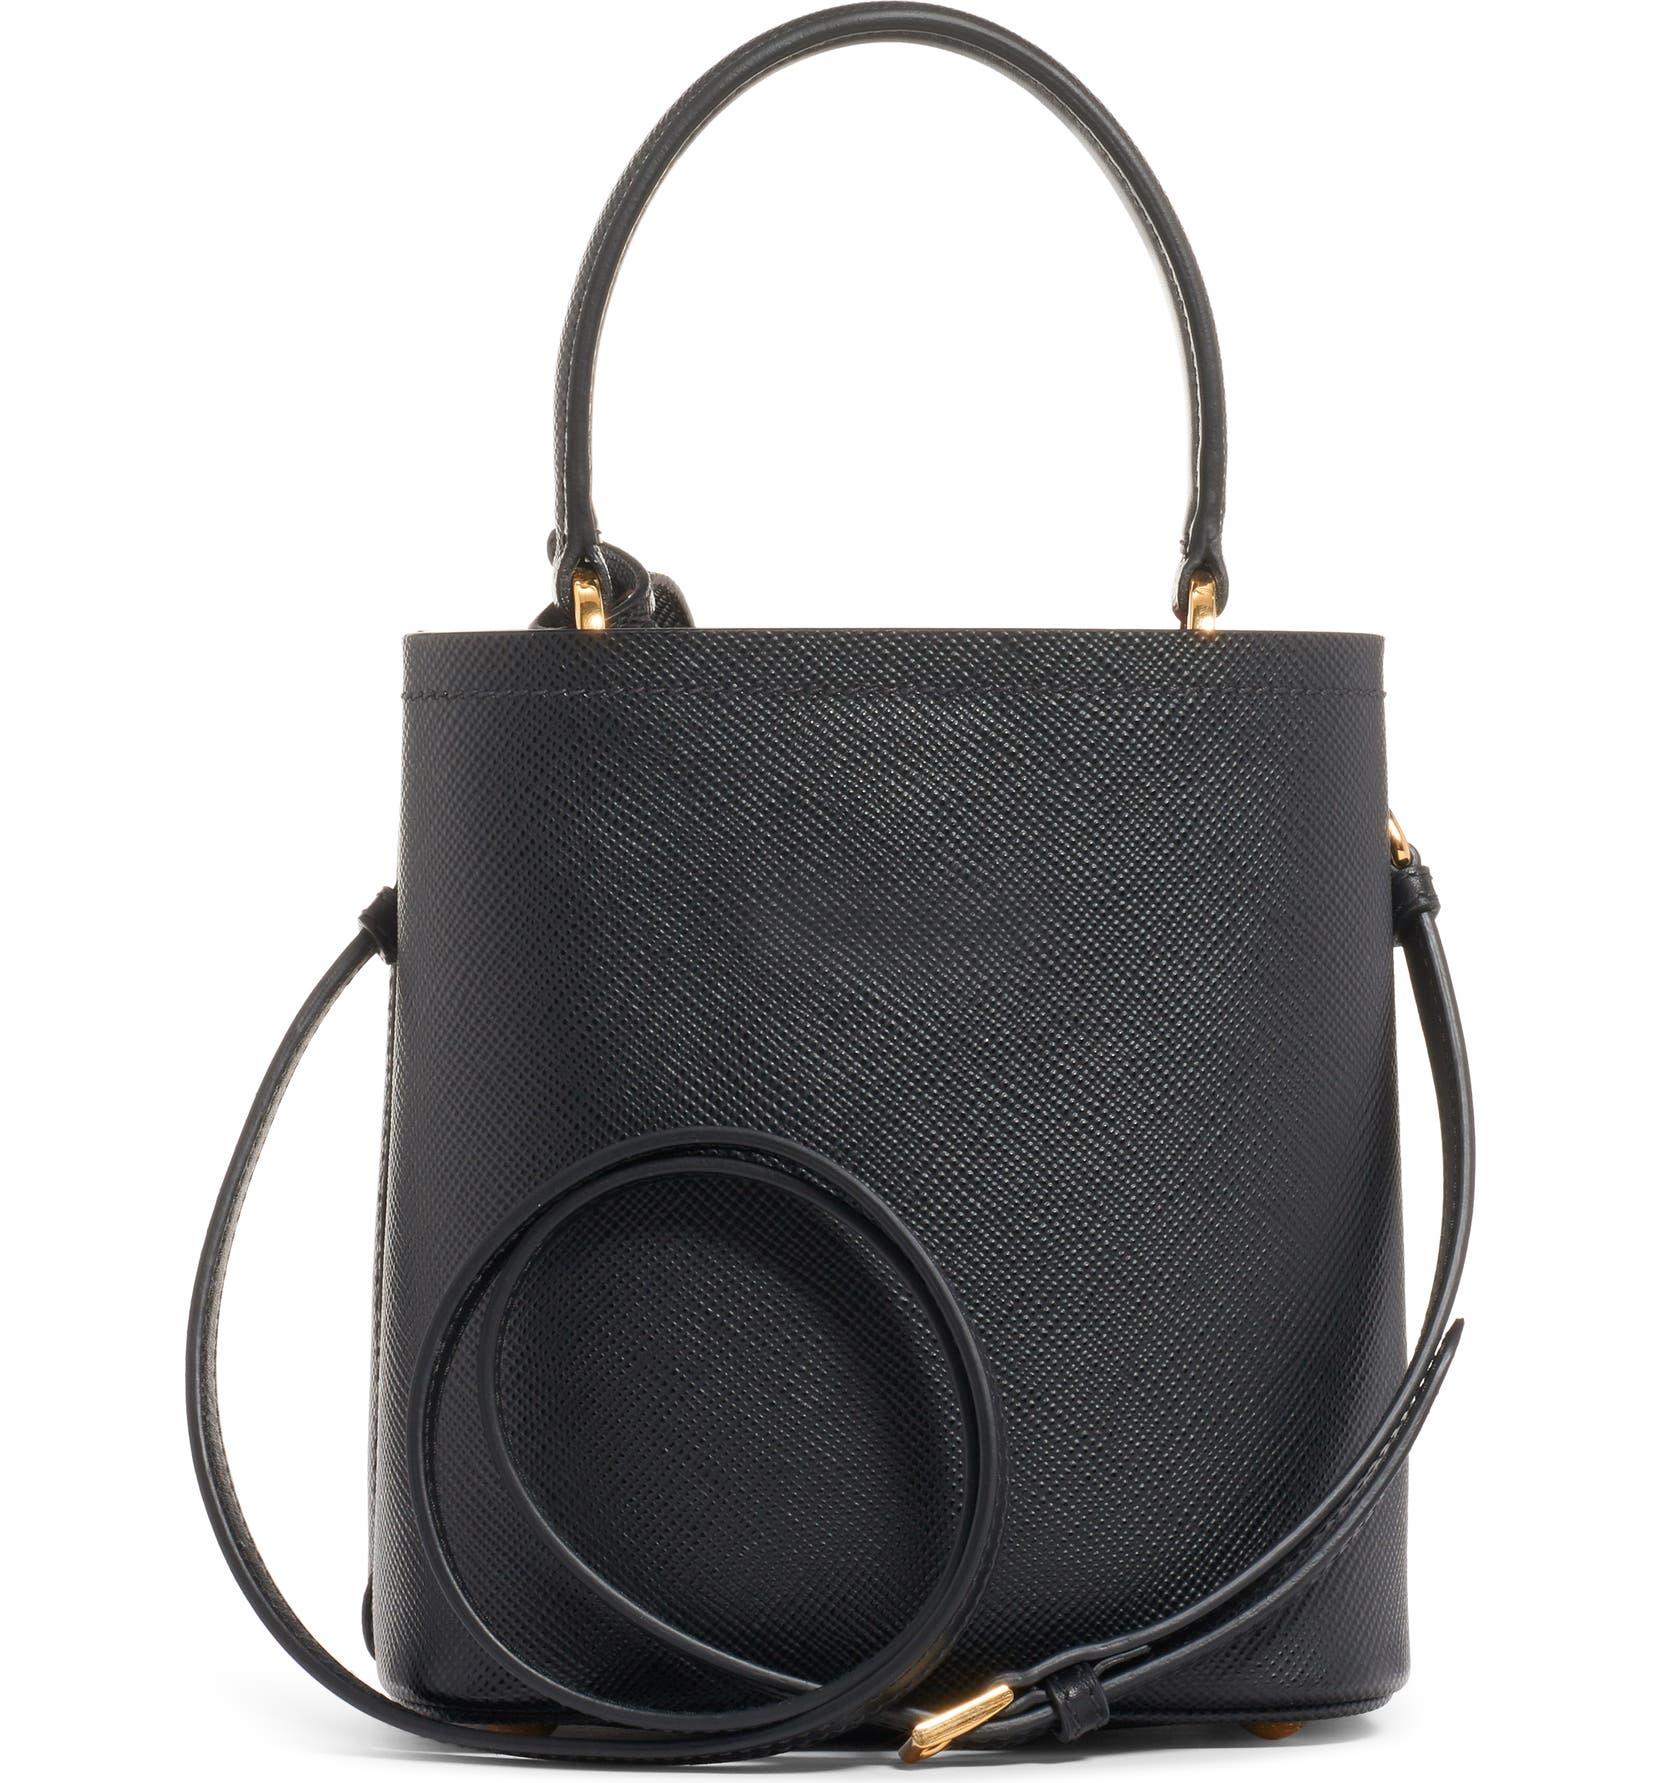 3330dd23f2a4db Prada Small Saffiano Leather Bucket Bag | Nordstrom